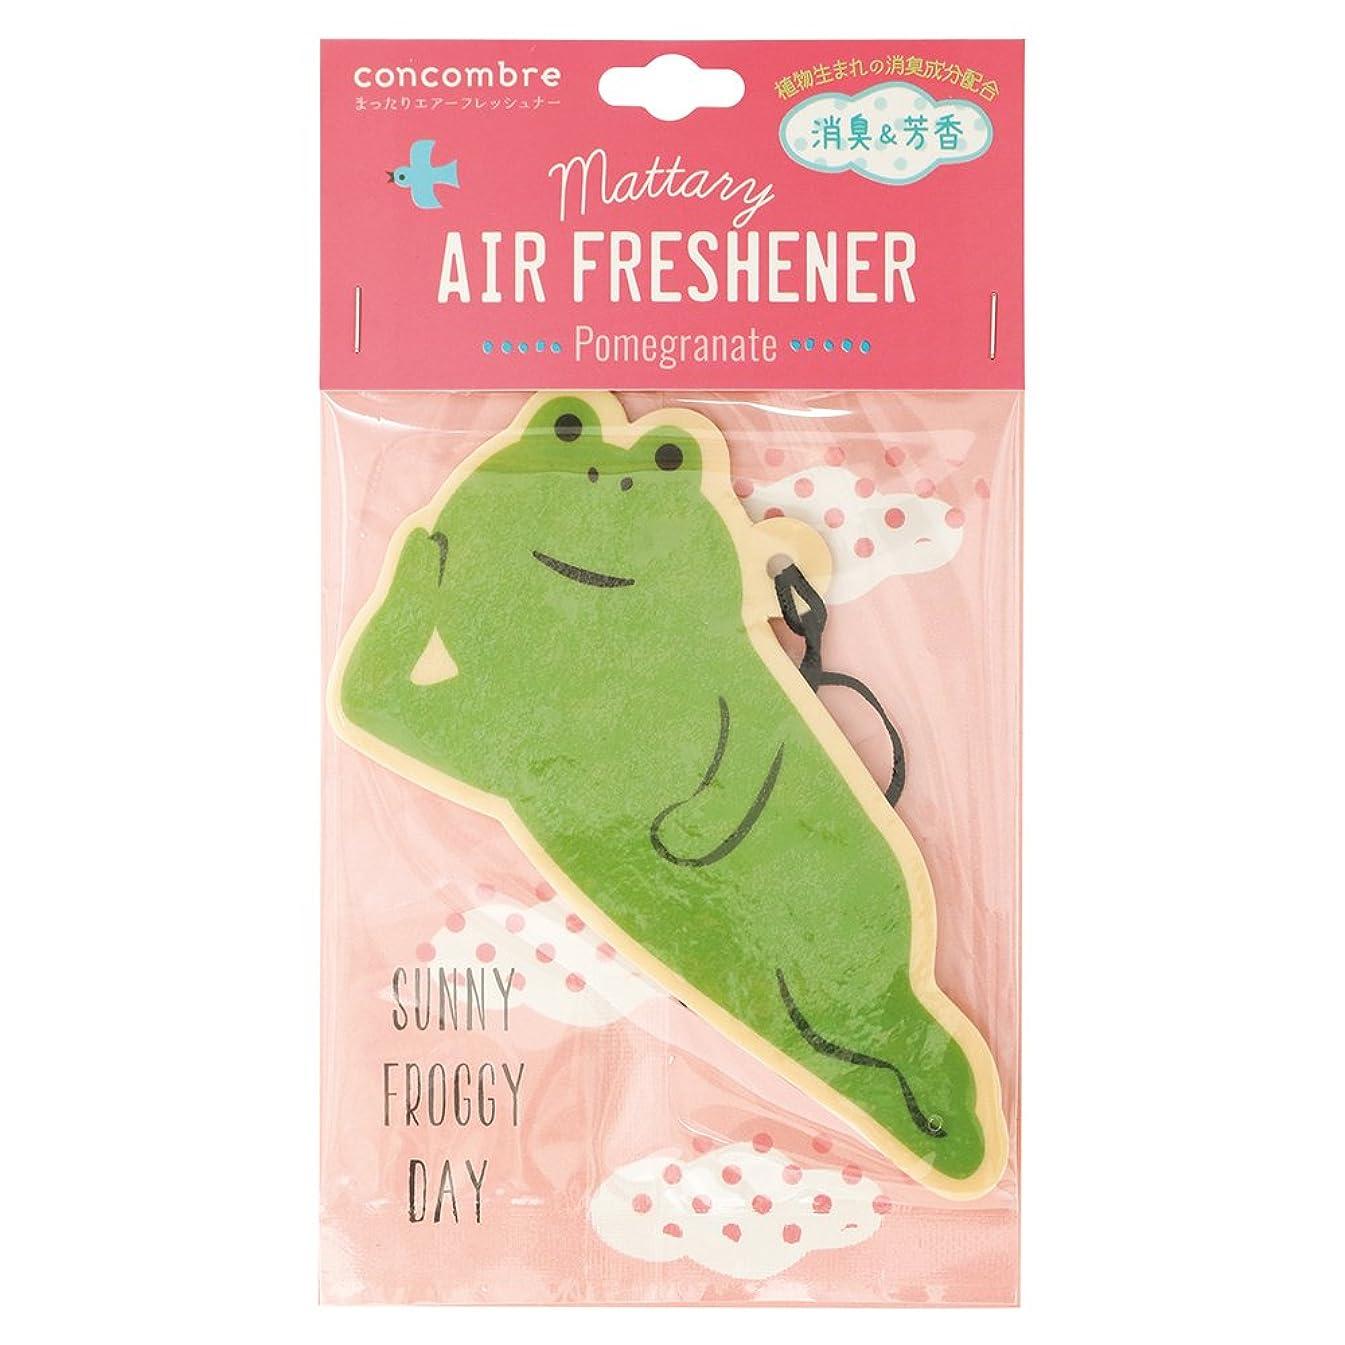 練る膜電話をかけるconcombre 芳香剤 まったりエアーフレッシュナー 吊り下げ 消臭成分配合 ざくろの香り OA-DKA-5-3